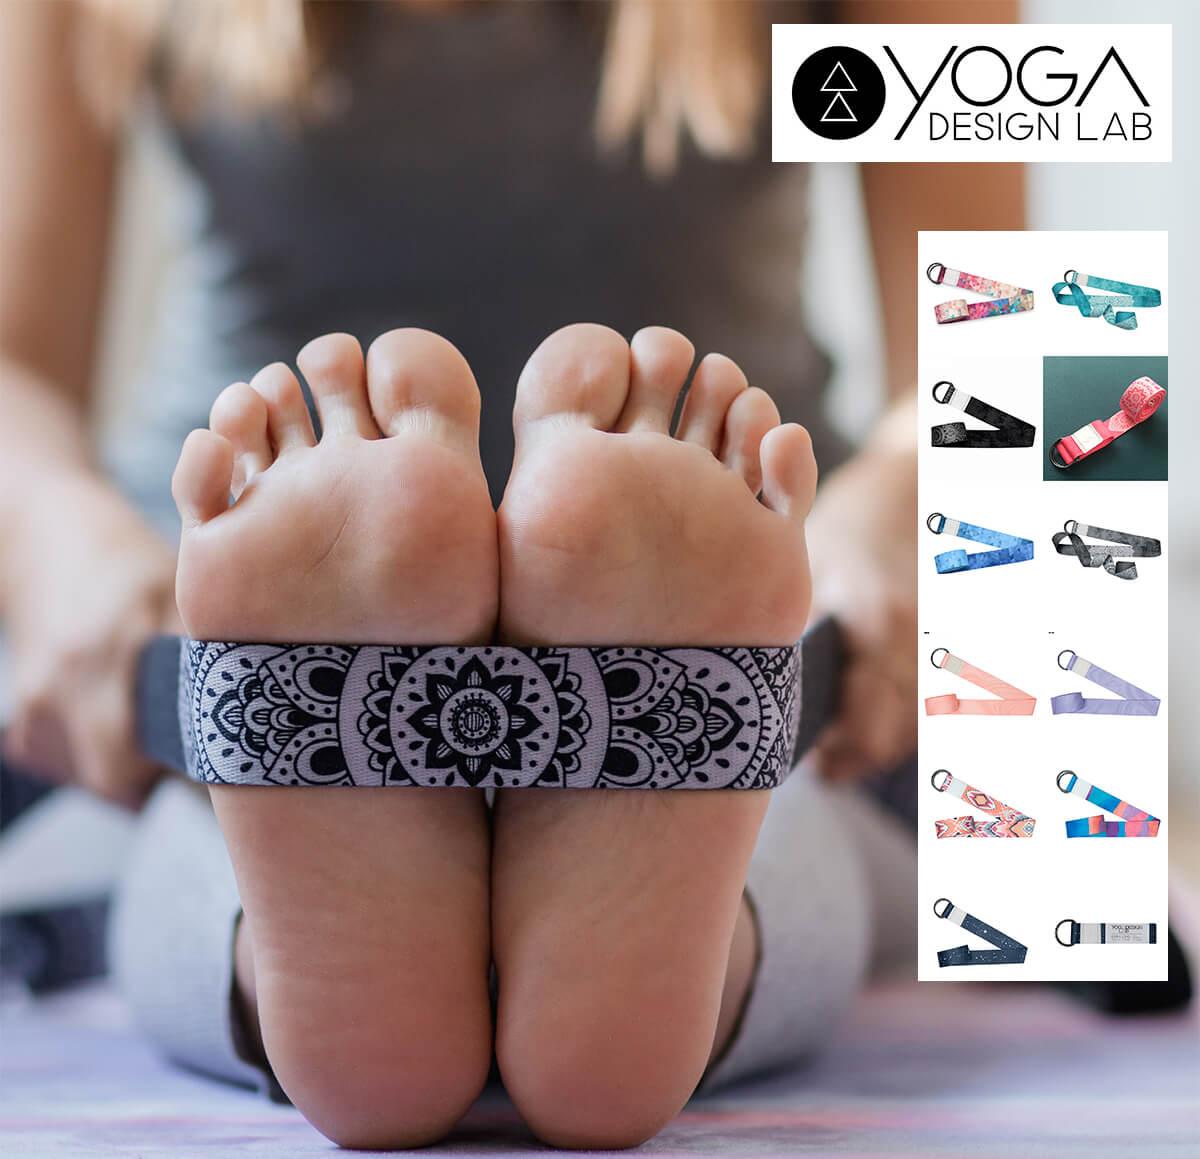 ヨガデザインラボ ヨガベルト ヨガストラップ 全店販売中 プロップス YogaDesignLab ホットヨガ ヨガ お買得 ピラティス 柄 ロング